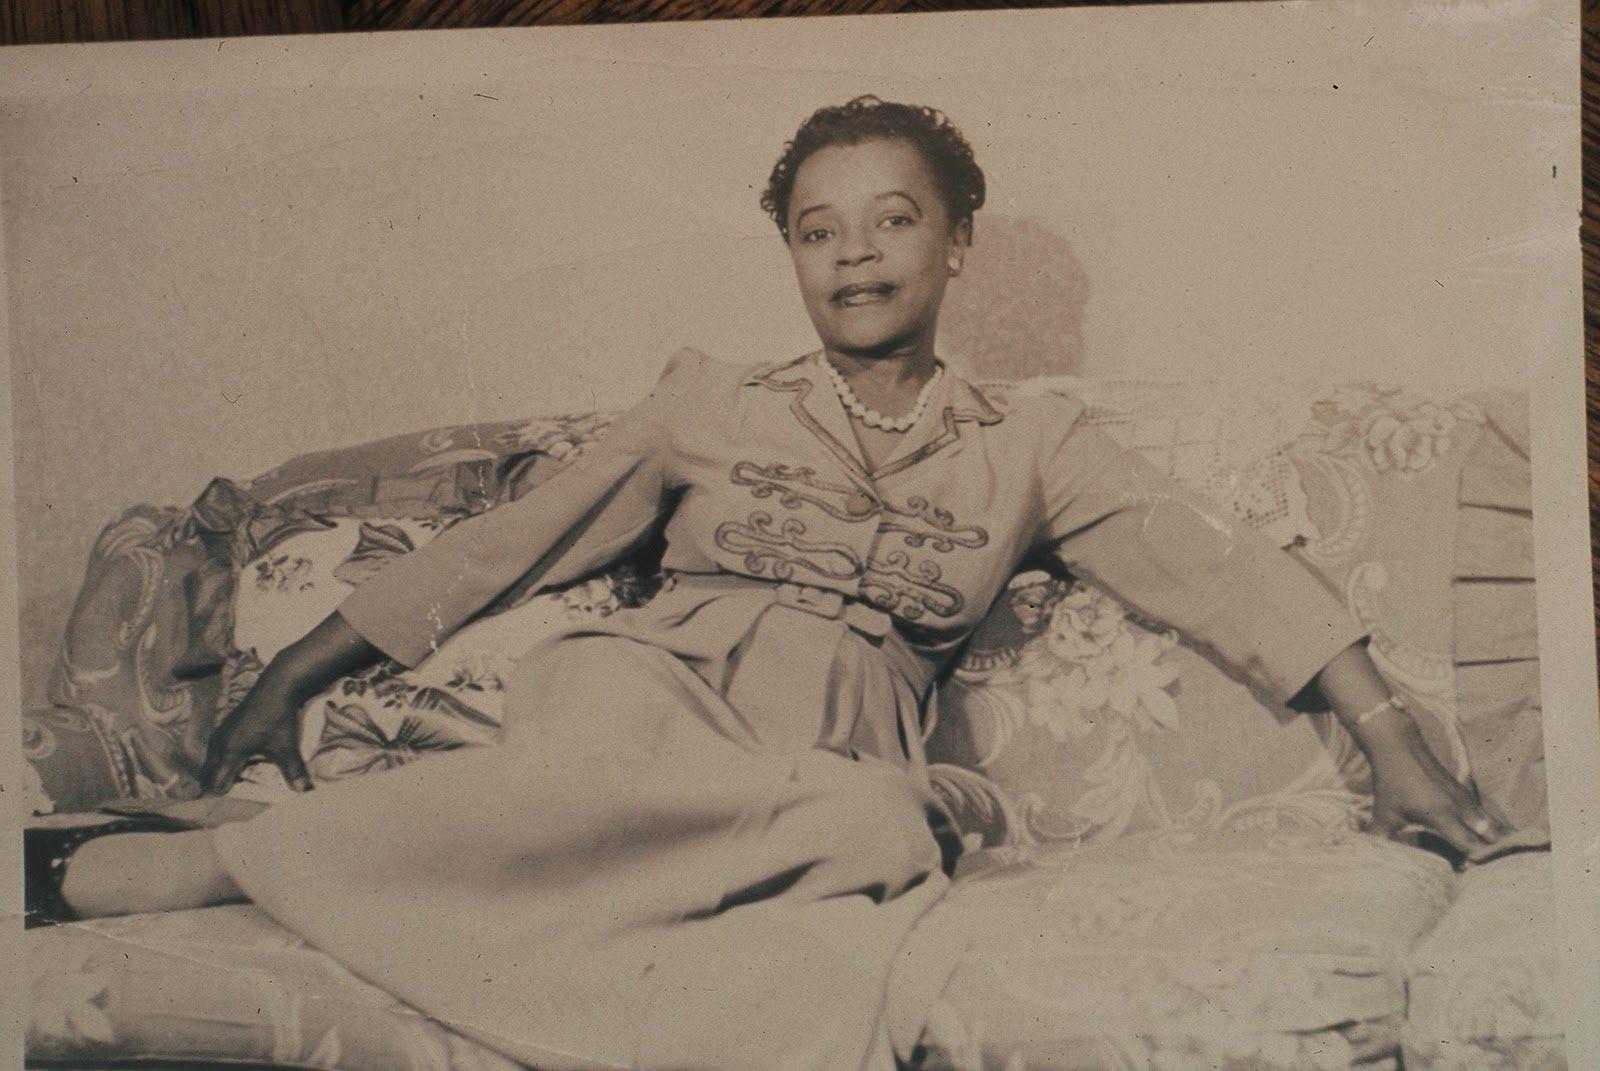 Mabel Hampton personal life